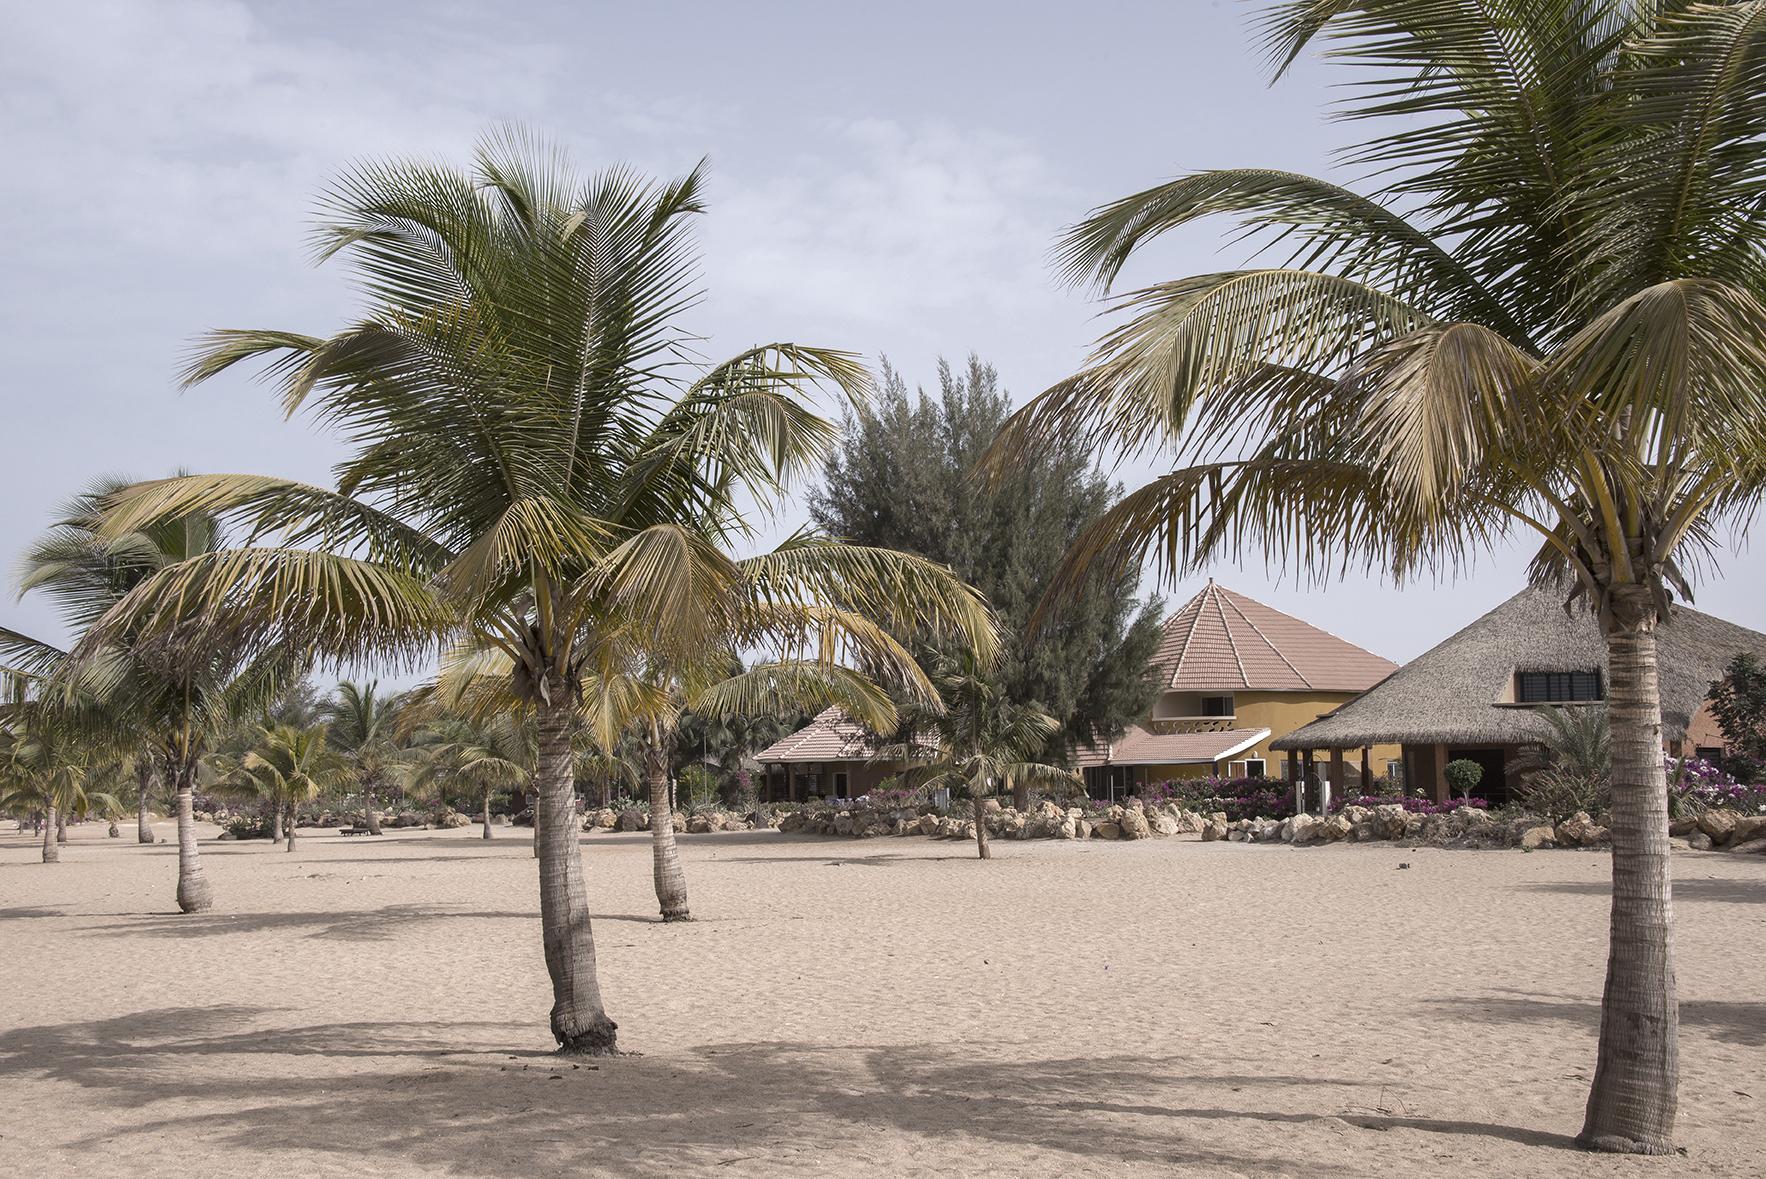 Alojamientos turísticos en las playas de Saly, en la región de Mbour